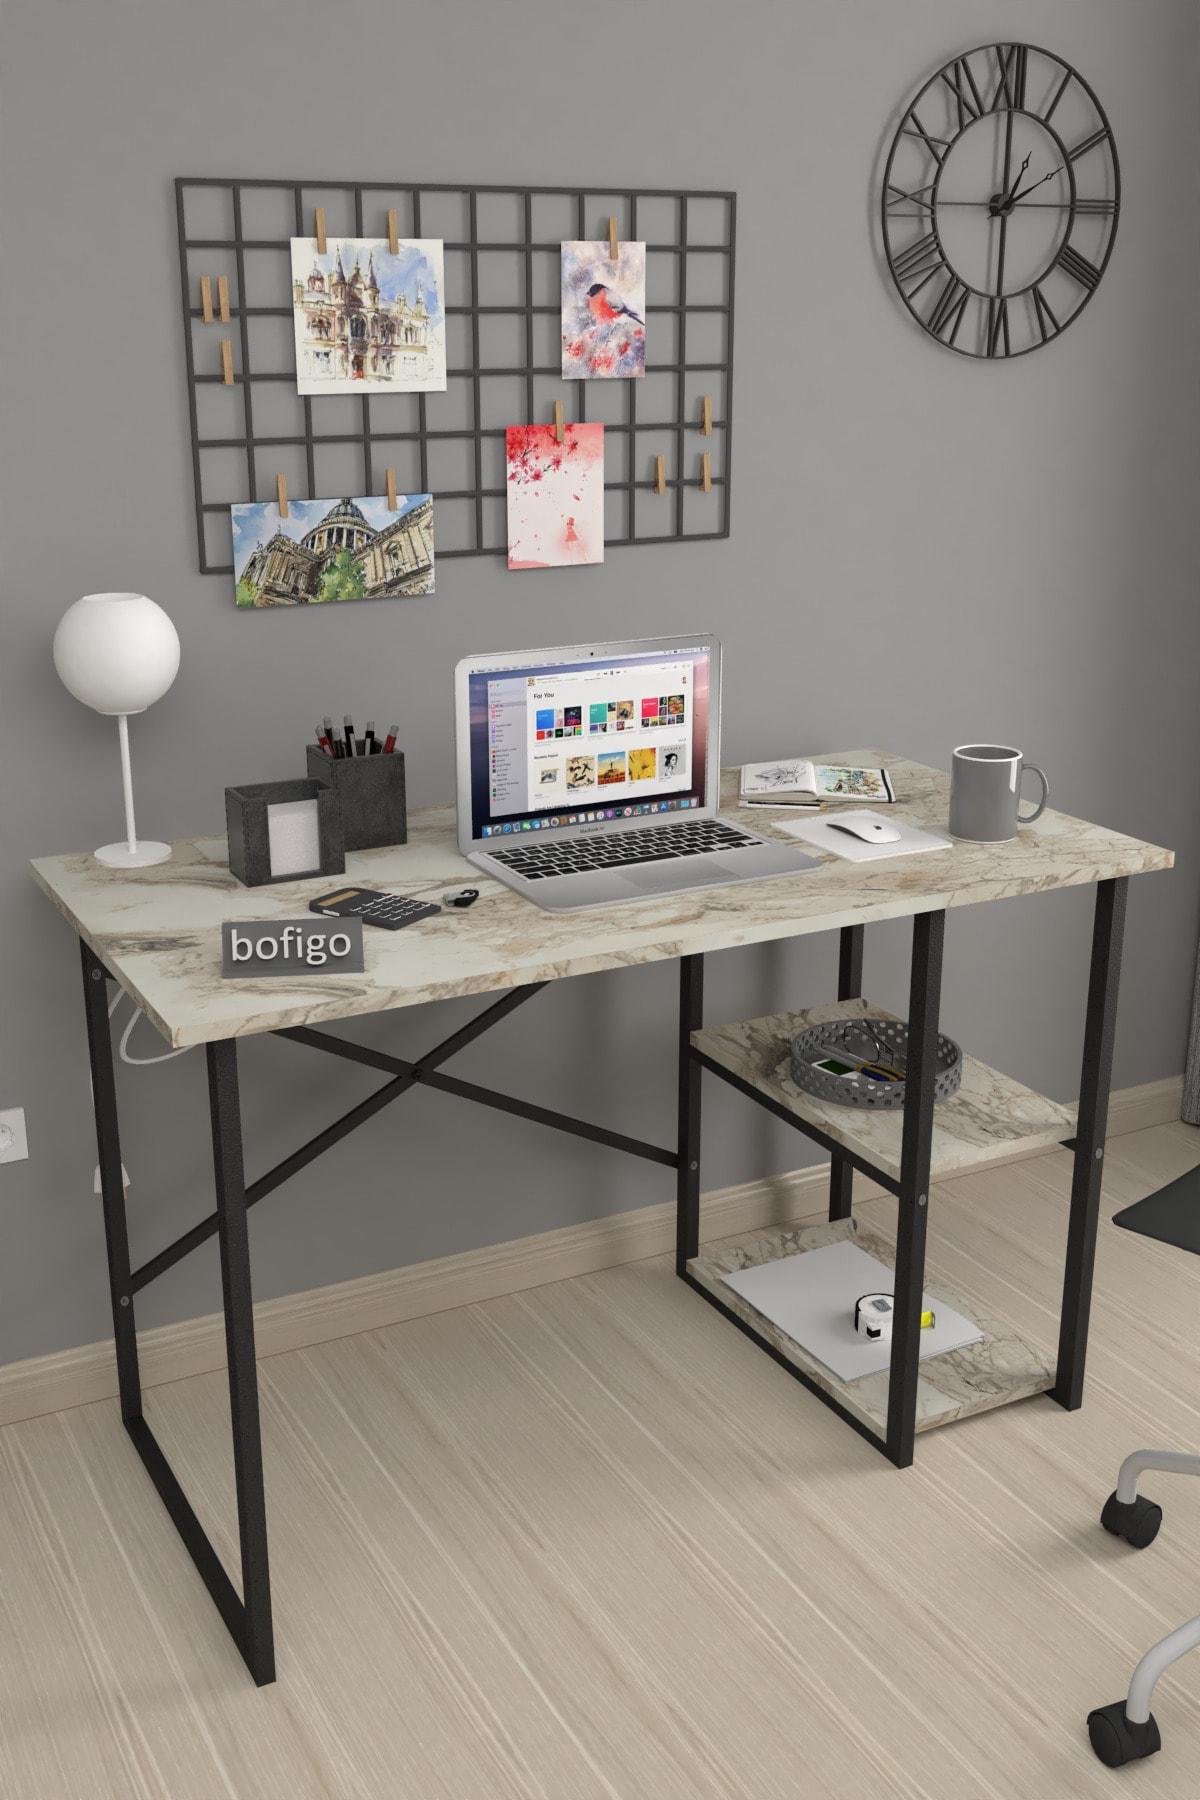 60x120 Cm 2 Raflı Çalışma Masası Bilgisayar Masası Ofis Ders Yemek Masası Efes